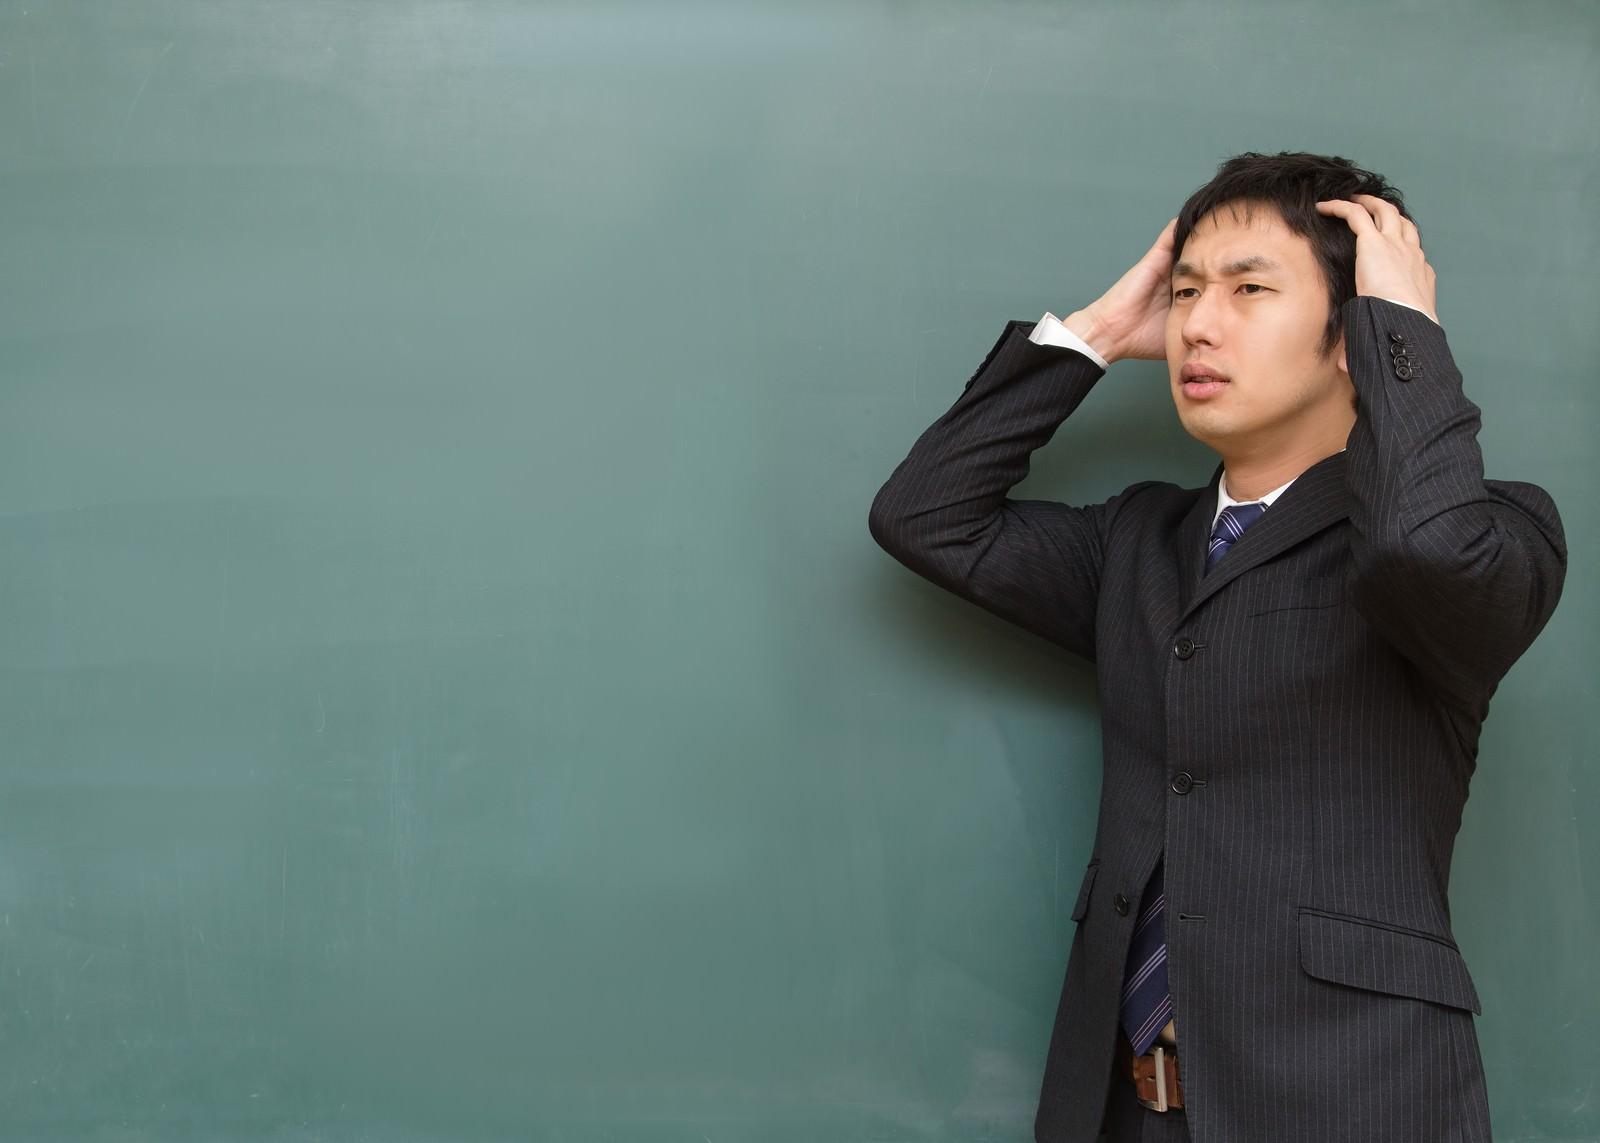 「頭を抱える塾の講師頭を抱える塾の講師」[モデル:大川竜弥]のフリー写真素材を拡大